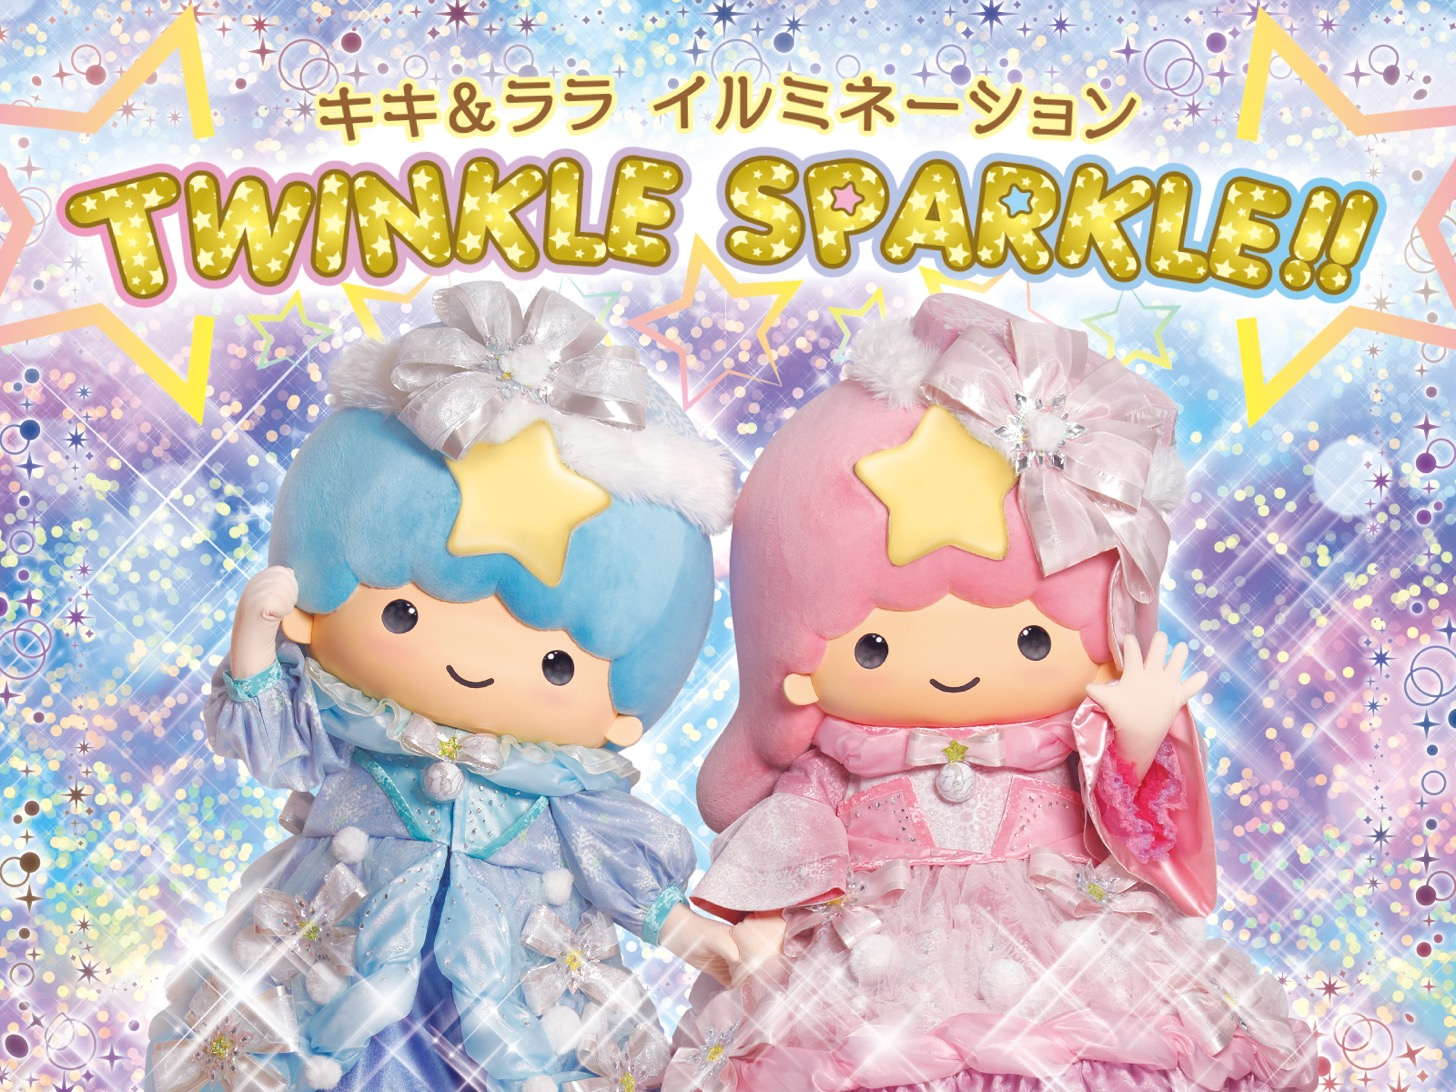 キキ&ラライルミネーション「TWINKLE SPARKLE!!」